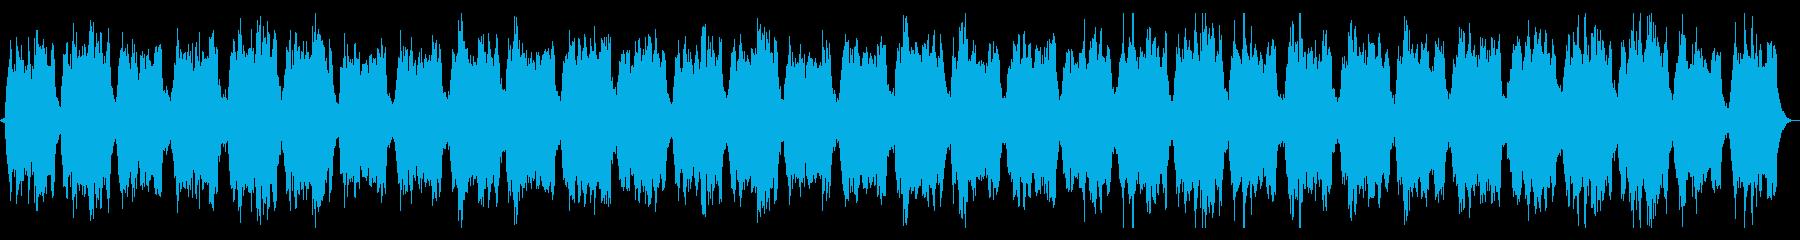 ホラー向け コーラスとストリングスの再生済みの波形